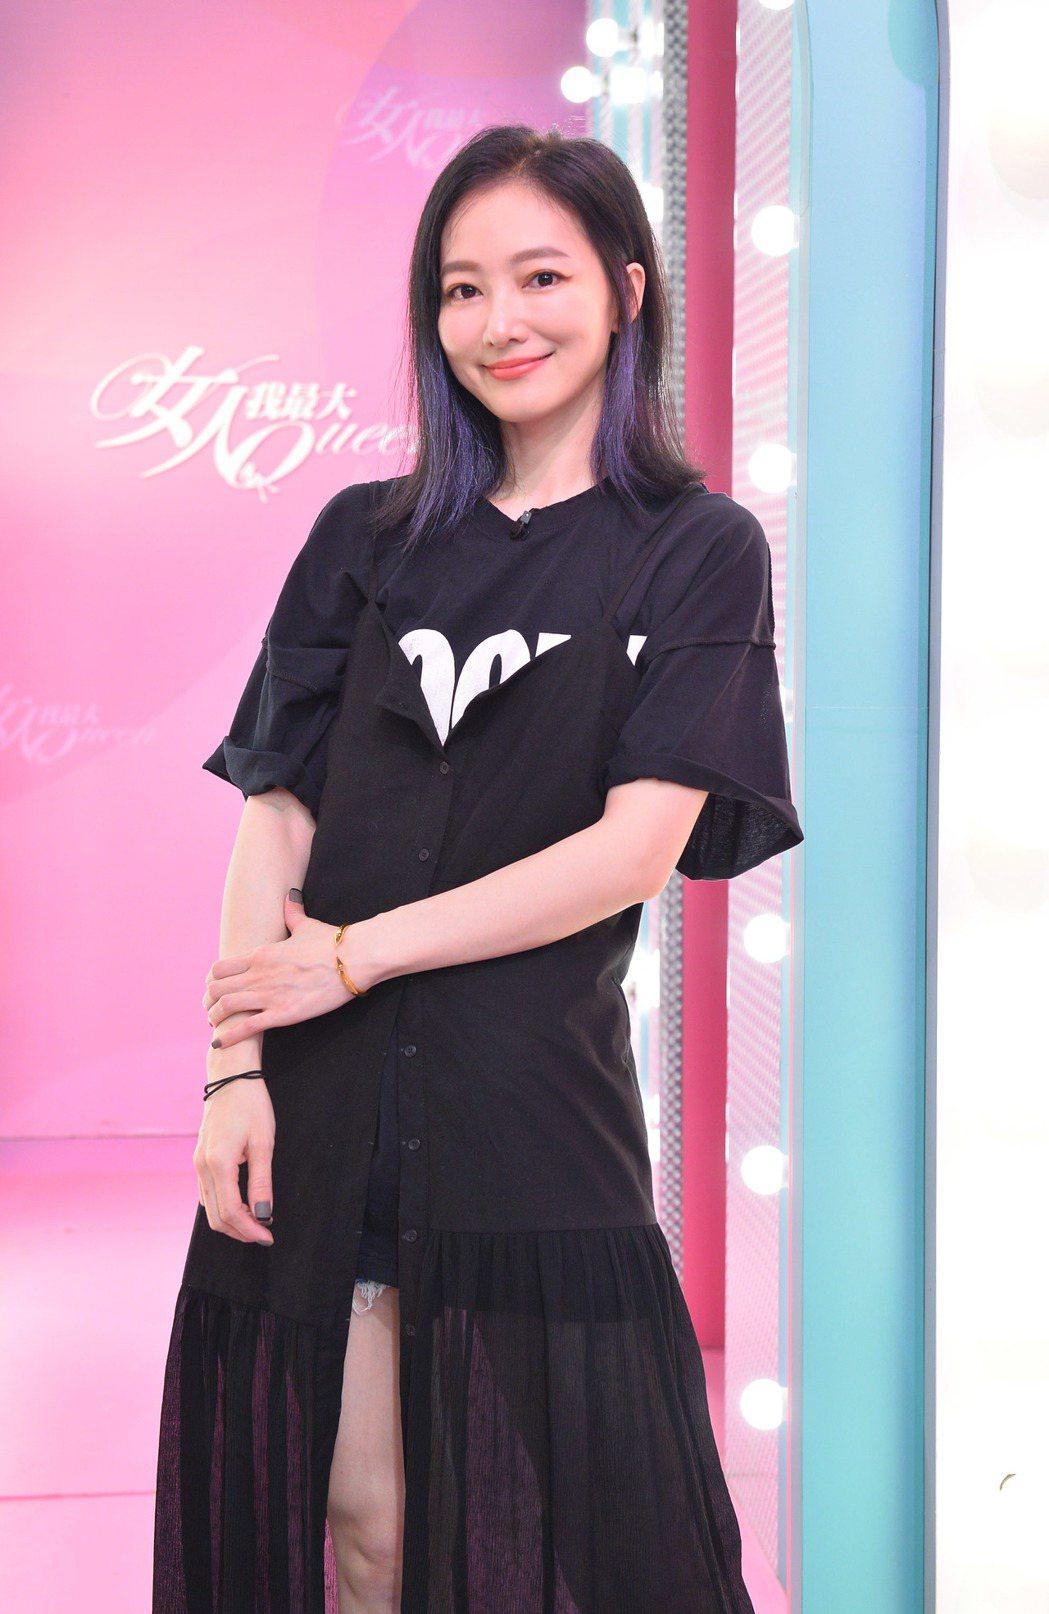 林立雯是服飾店老闆娘。圖/TVBS提供